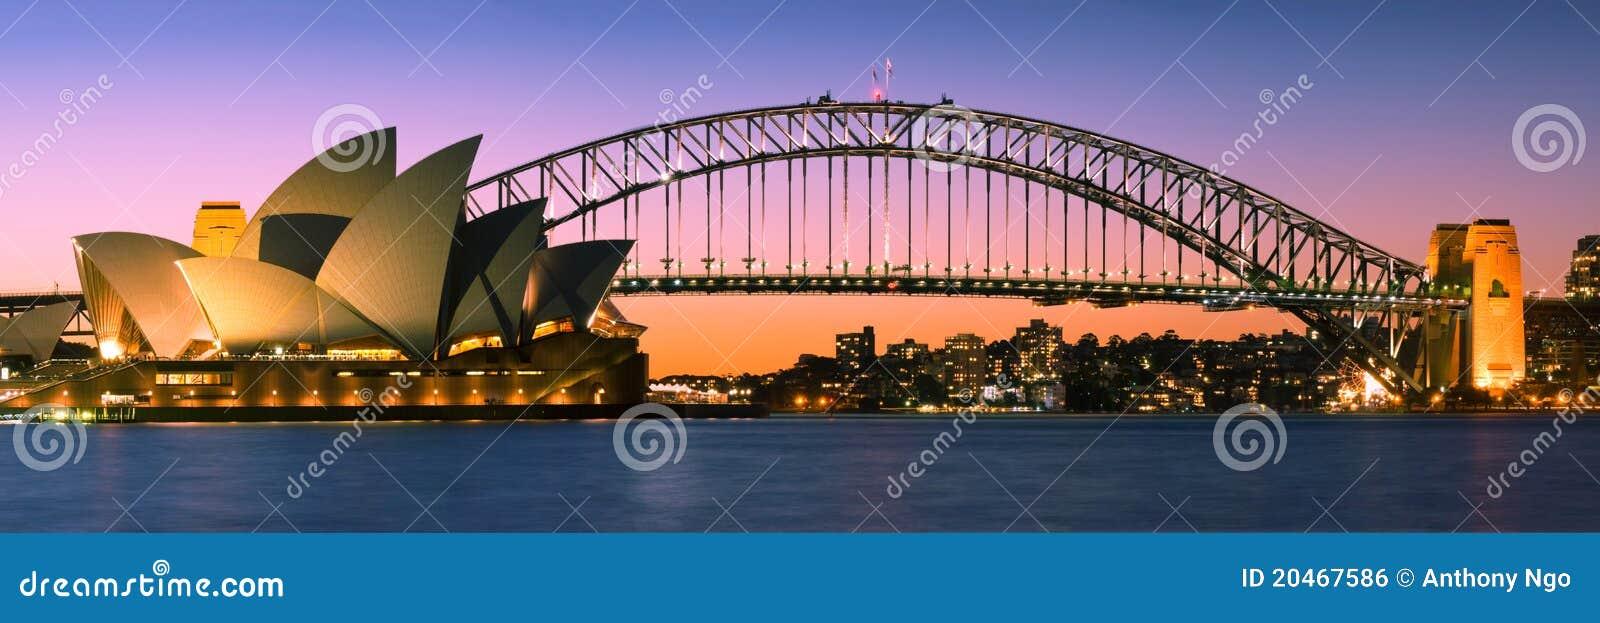 Panorama da skyline do porto de Sydney no crepúsculo